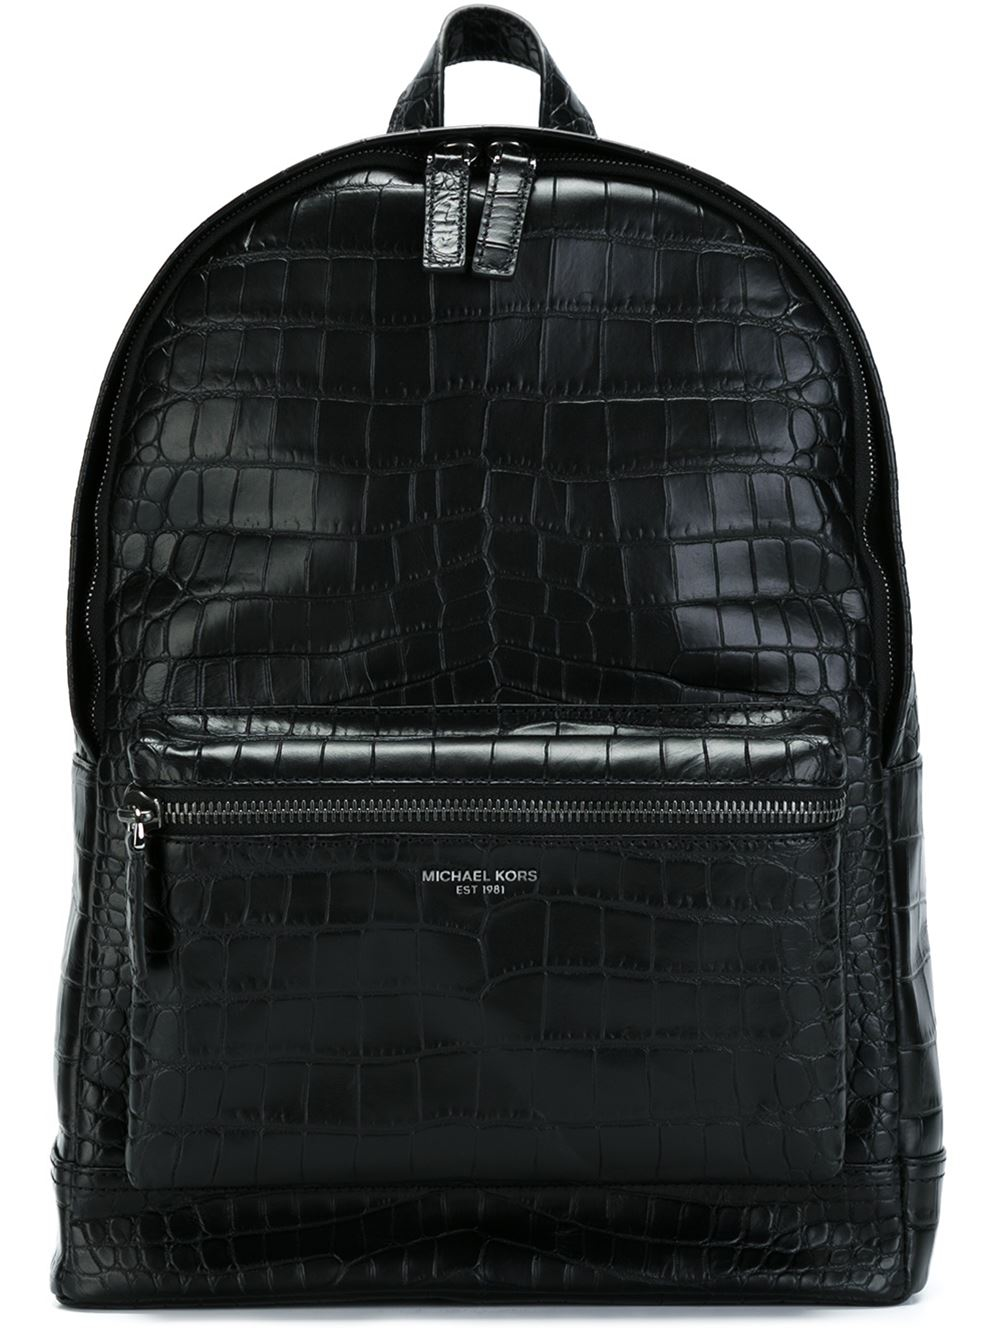 michael kors crocodile embossed backpack in black for men. Black Bedroom Furniture Sets. Home Design Ideas